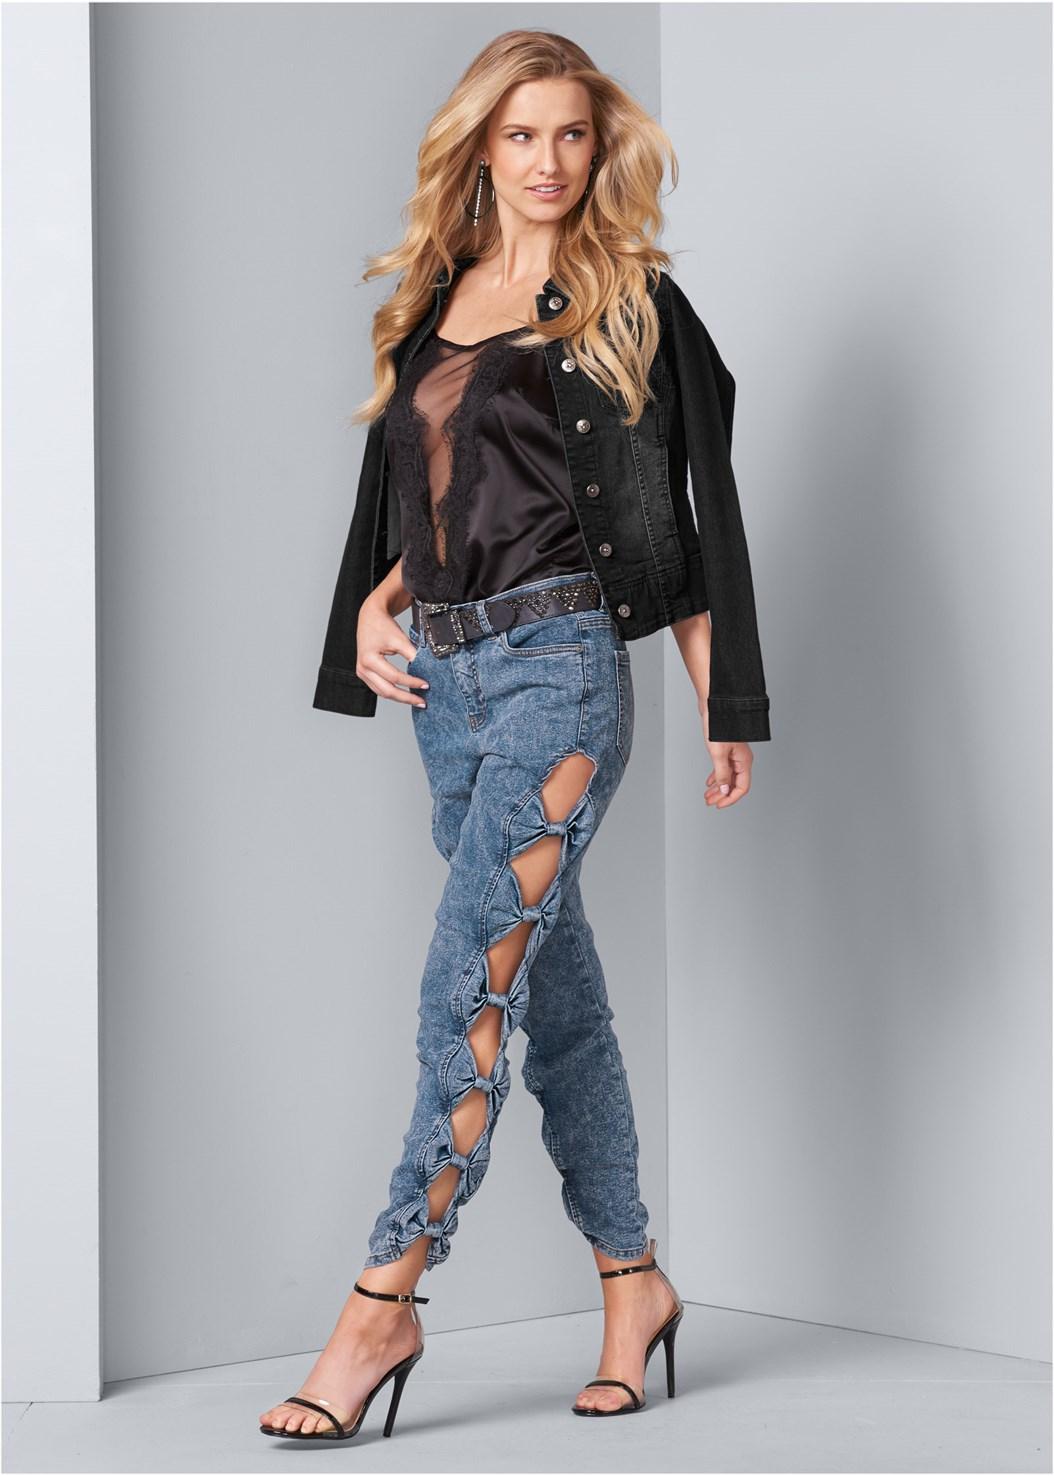 Acid Wash Jeans,Jean Jacket,Quilted Belt Bag,Bow Detail Print Heels